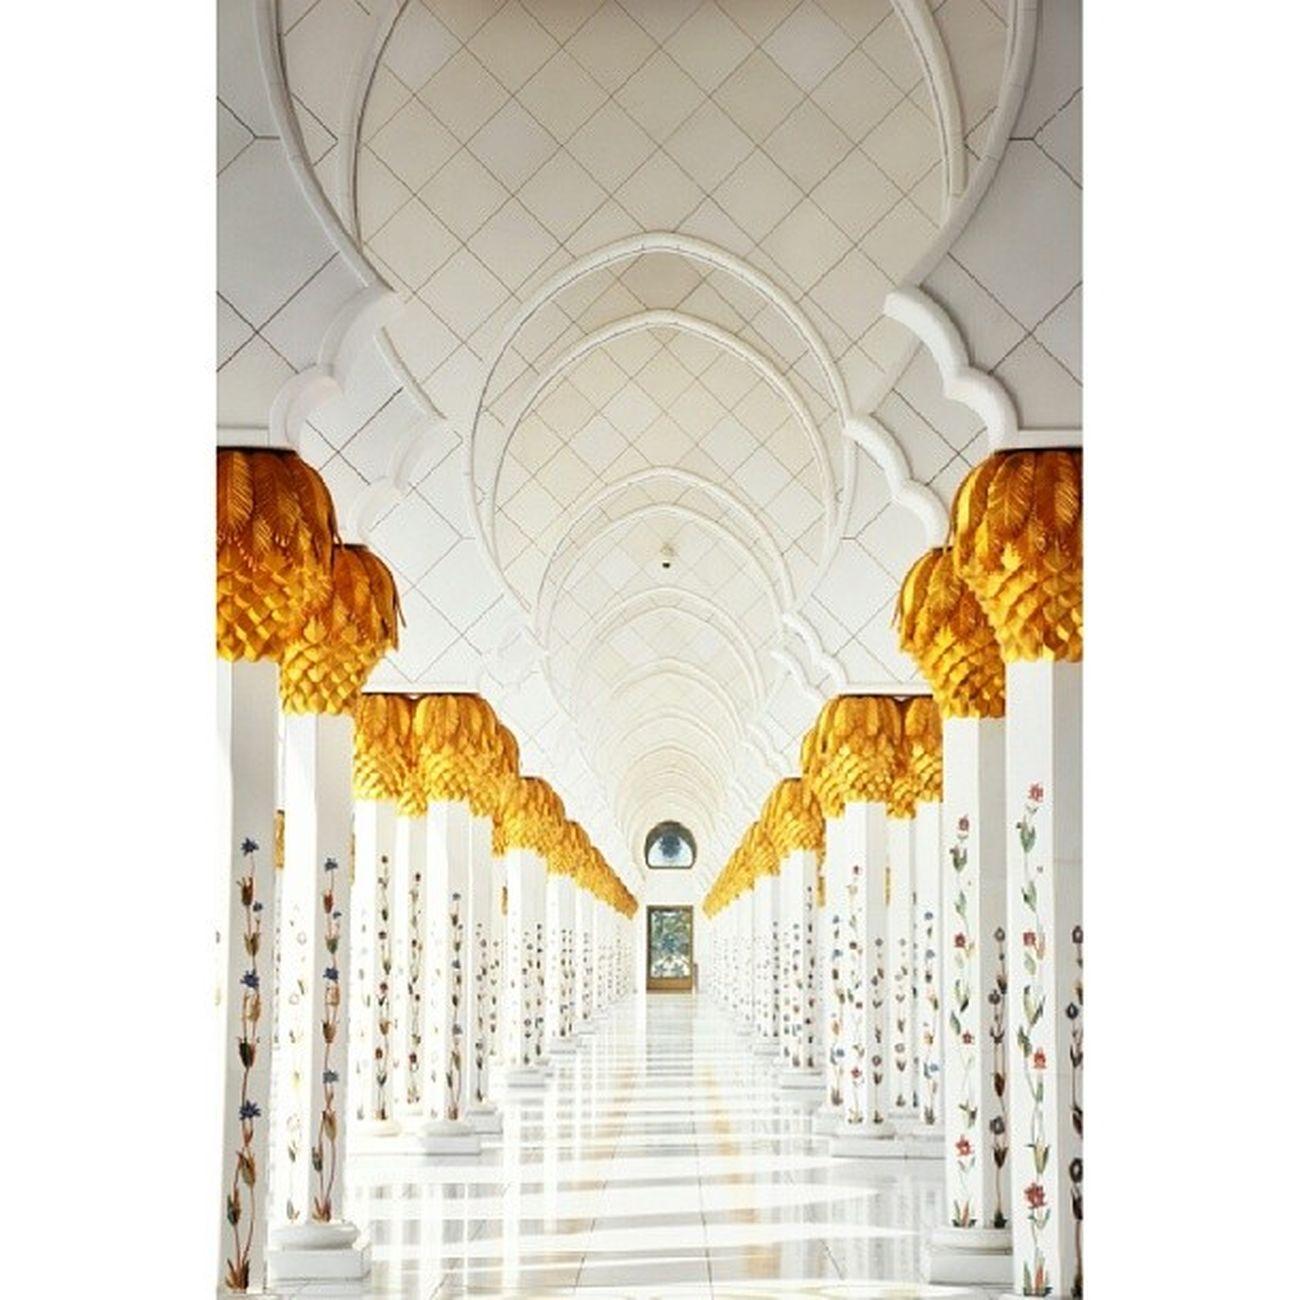 تصويري  مسجد الشيخ زايد الاماراتابوظبيتجريدابوشملانابراهيمالهزاعالسعوديةالرياضجديدنيكون